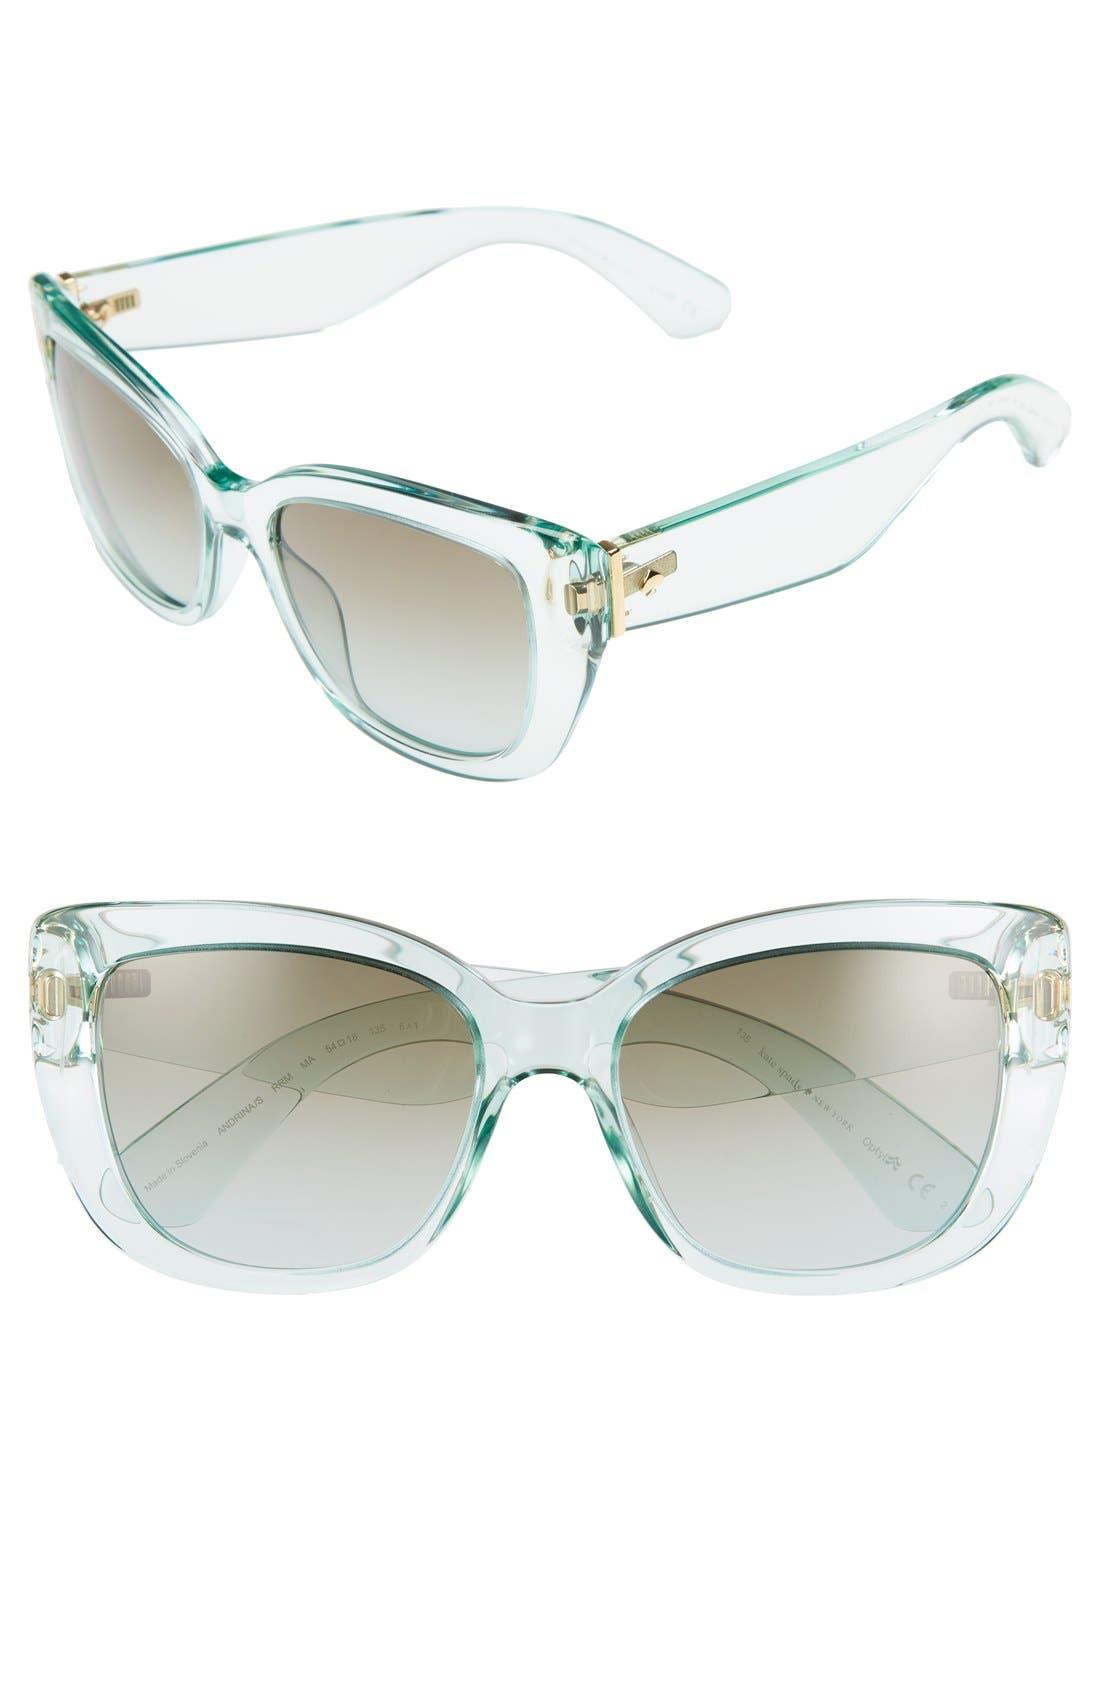 Alternate Image 1 Selected - kate spade new york 'andris' 54mm sunglasses